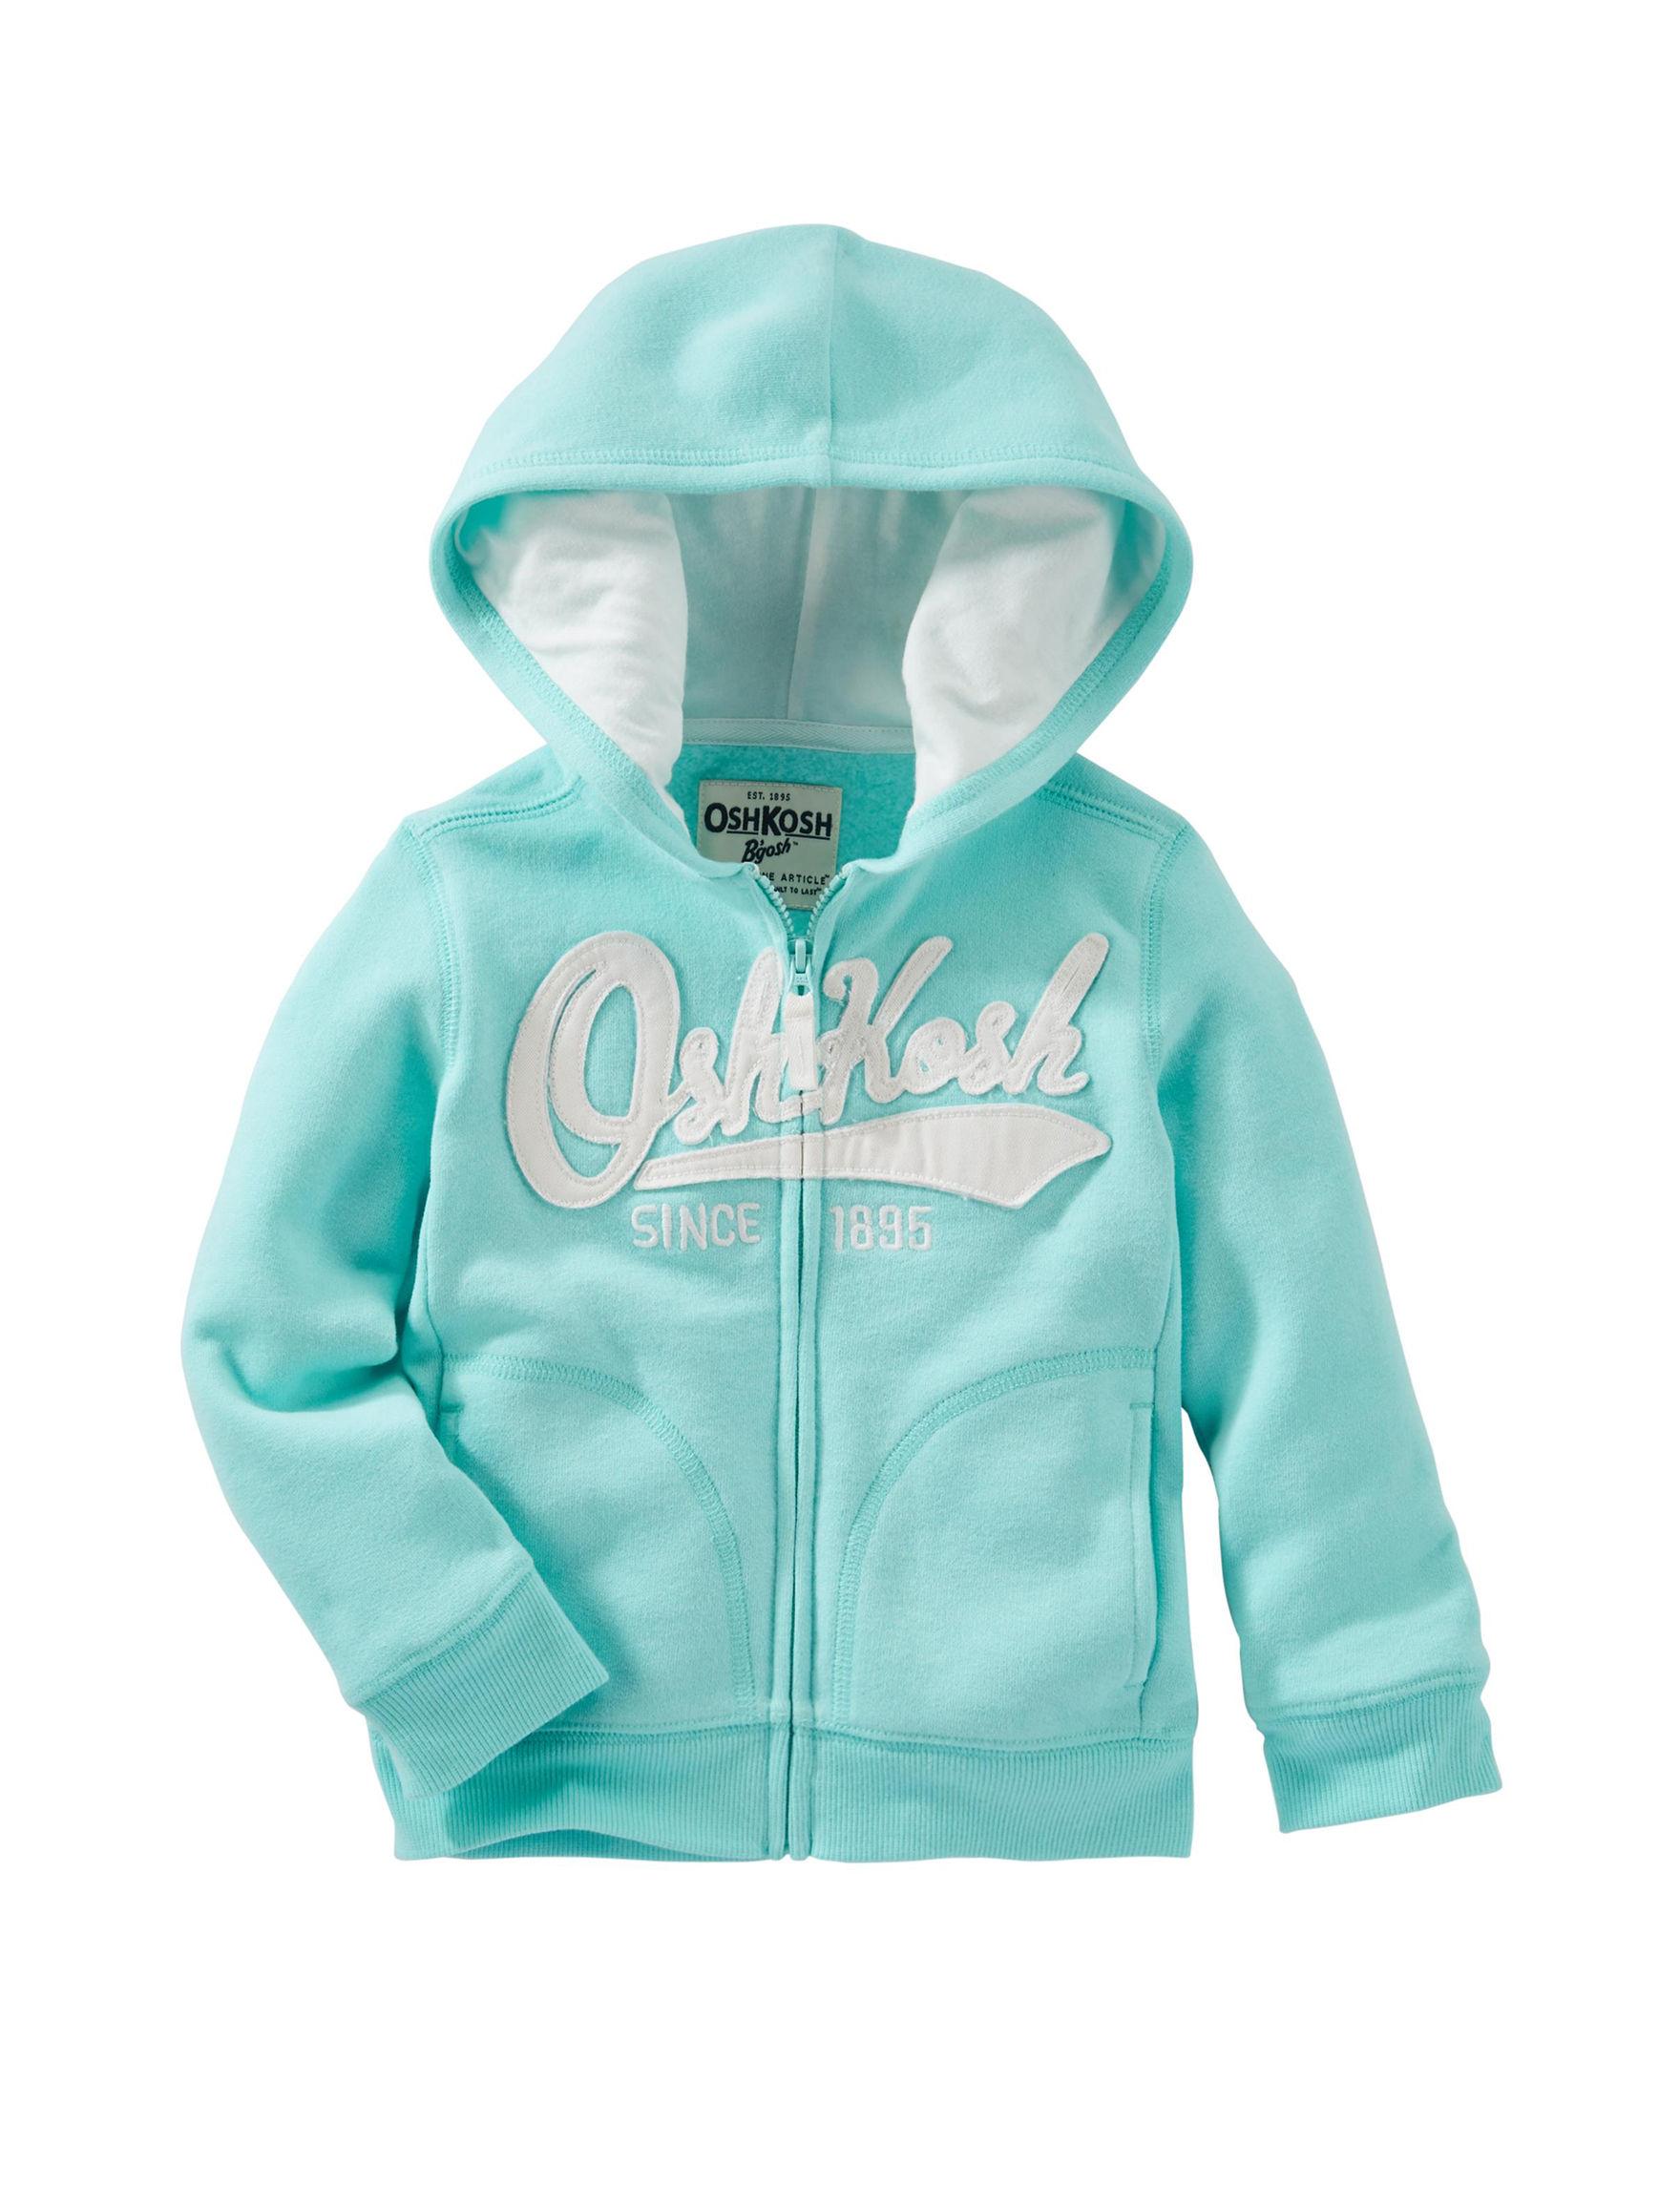 Oshkosh B'Gosh Turquoise